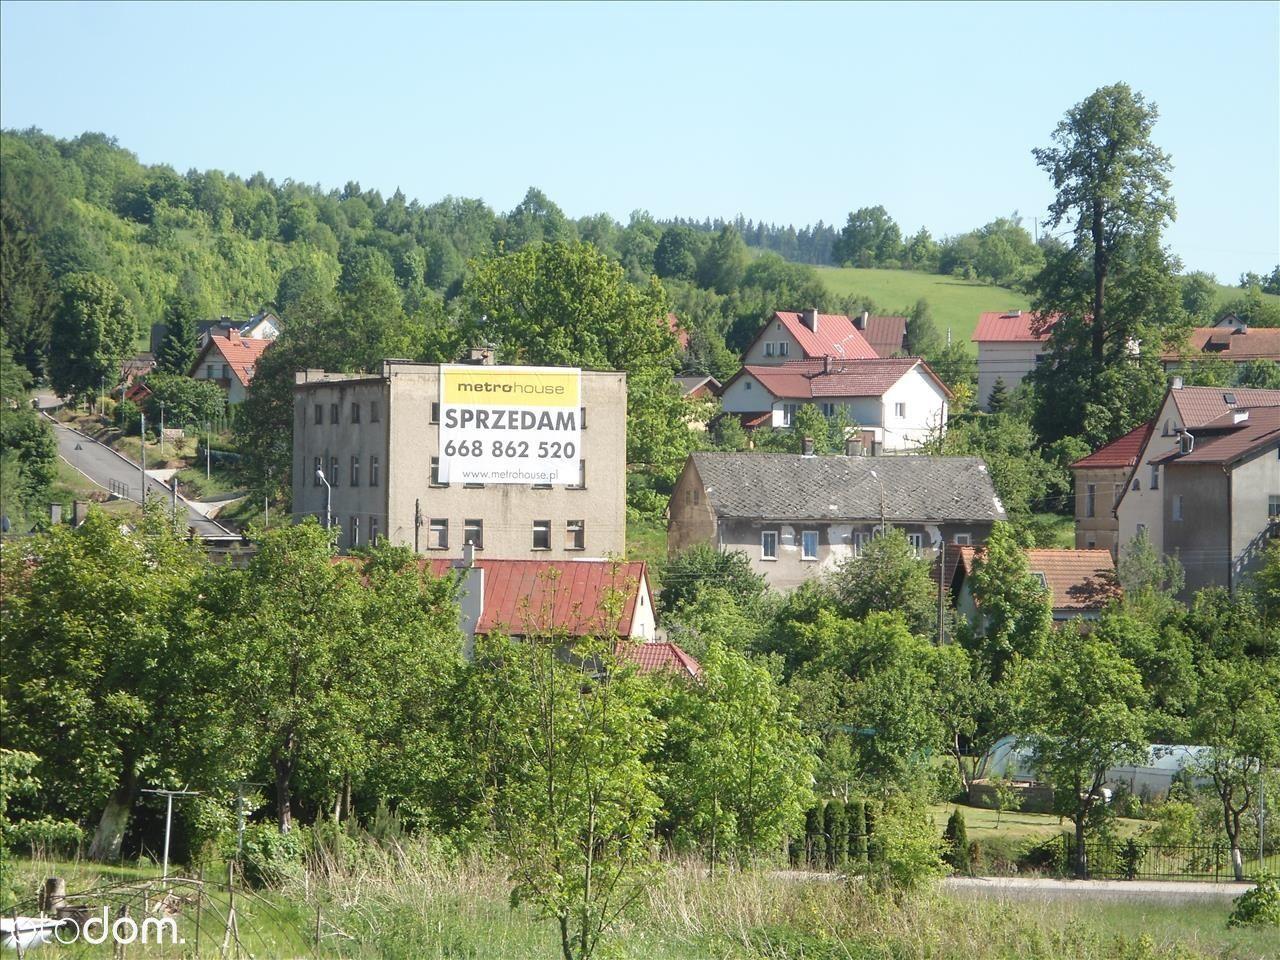 Lokal użytkowy na sprzedaż, Lewin Kłodzki, kłodzki, dolnośląskie - Foto 2